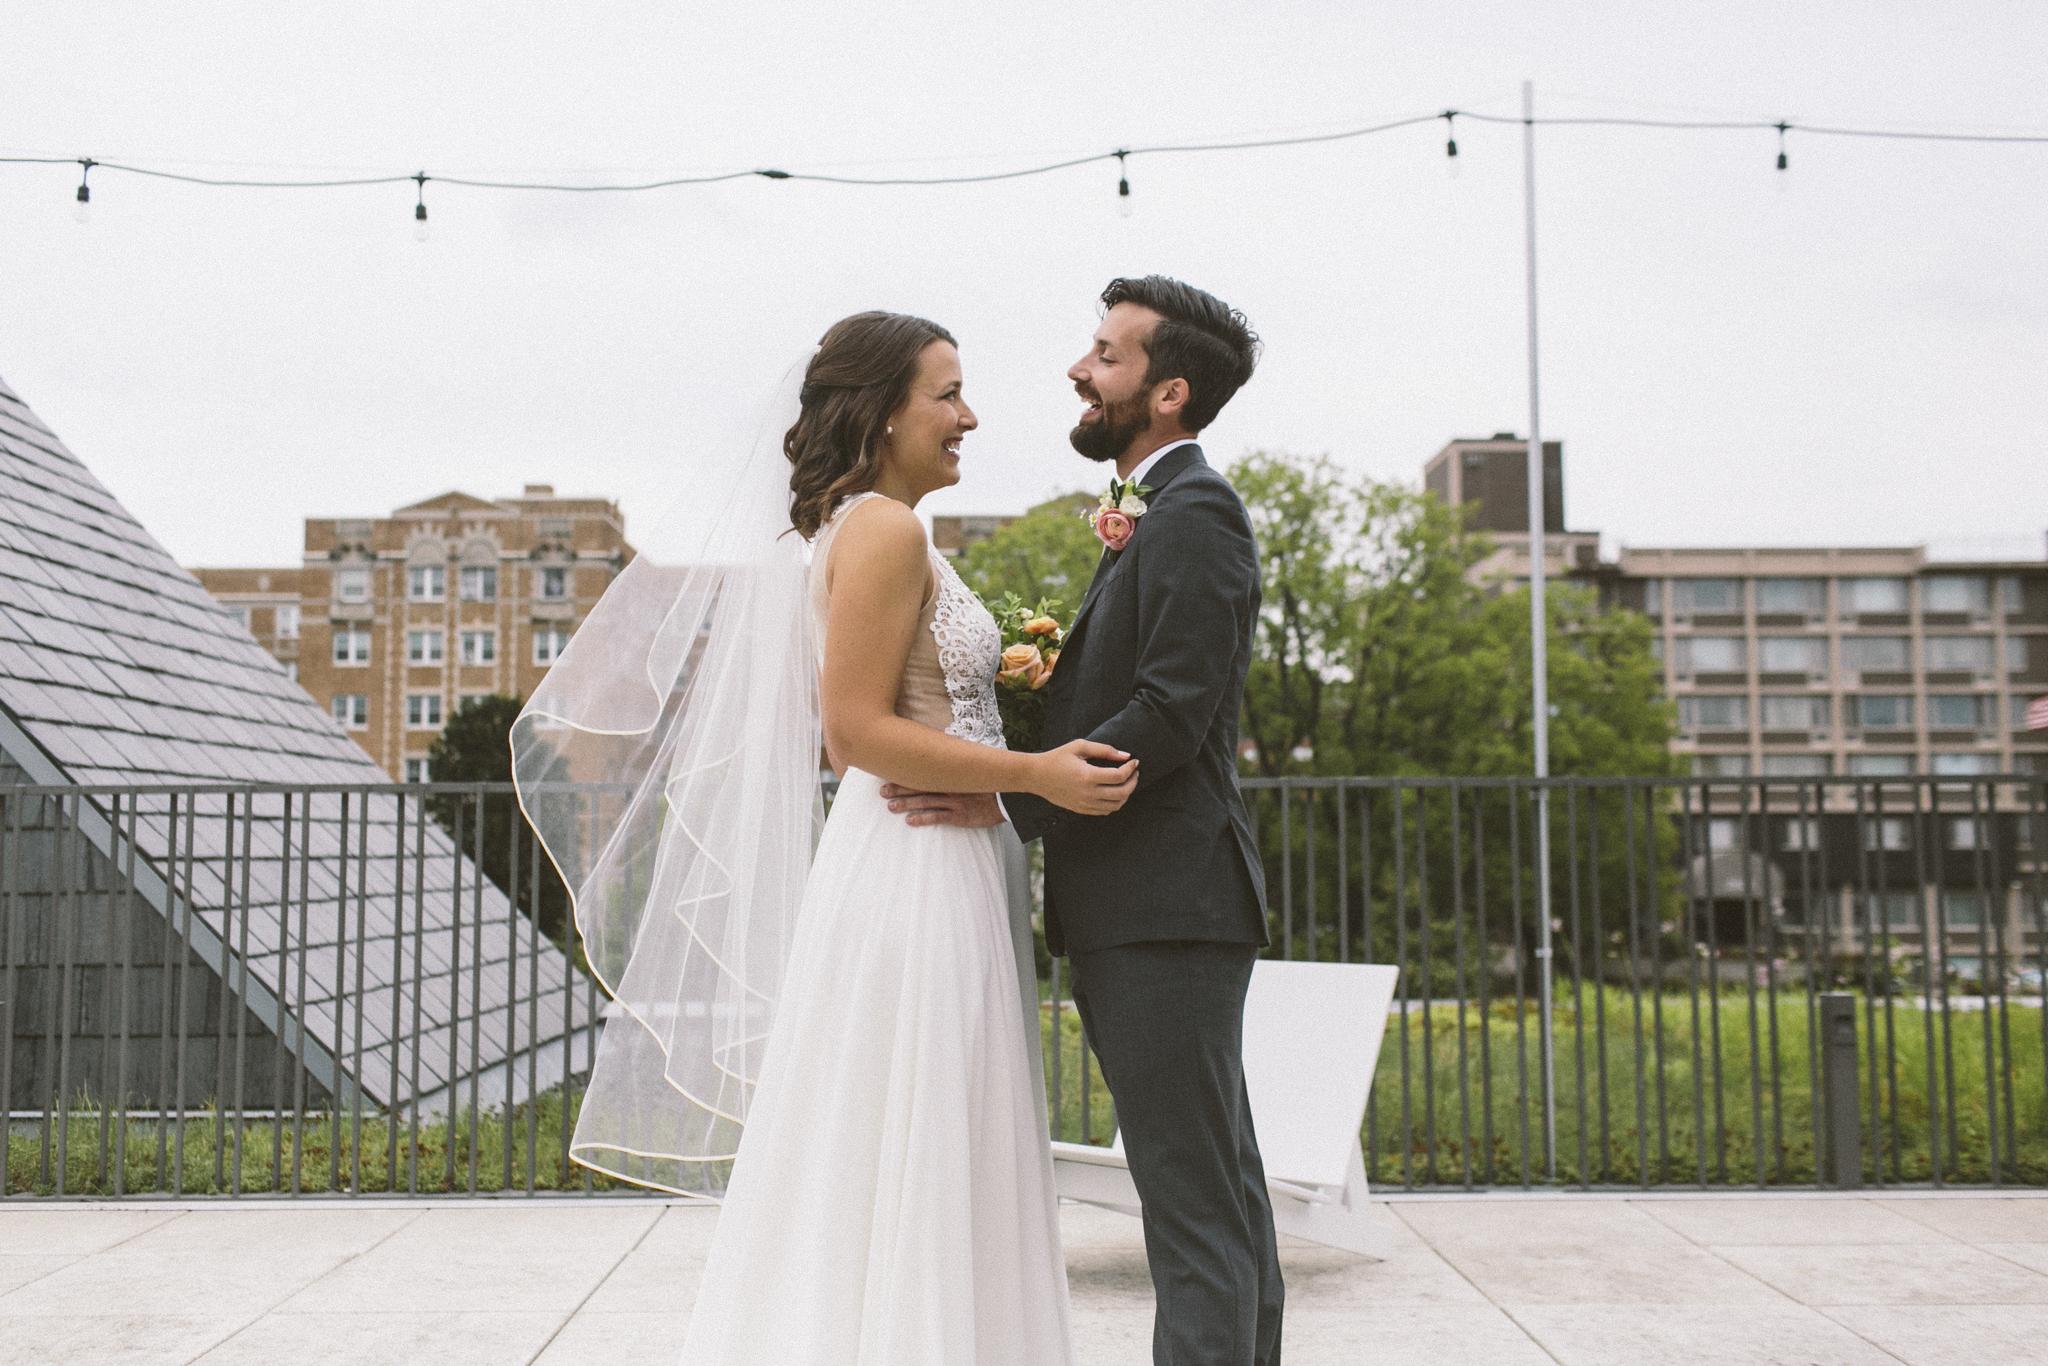 harlan_megmike_wedding_9.jpg